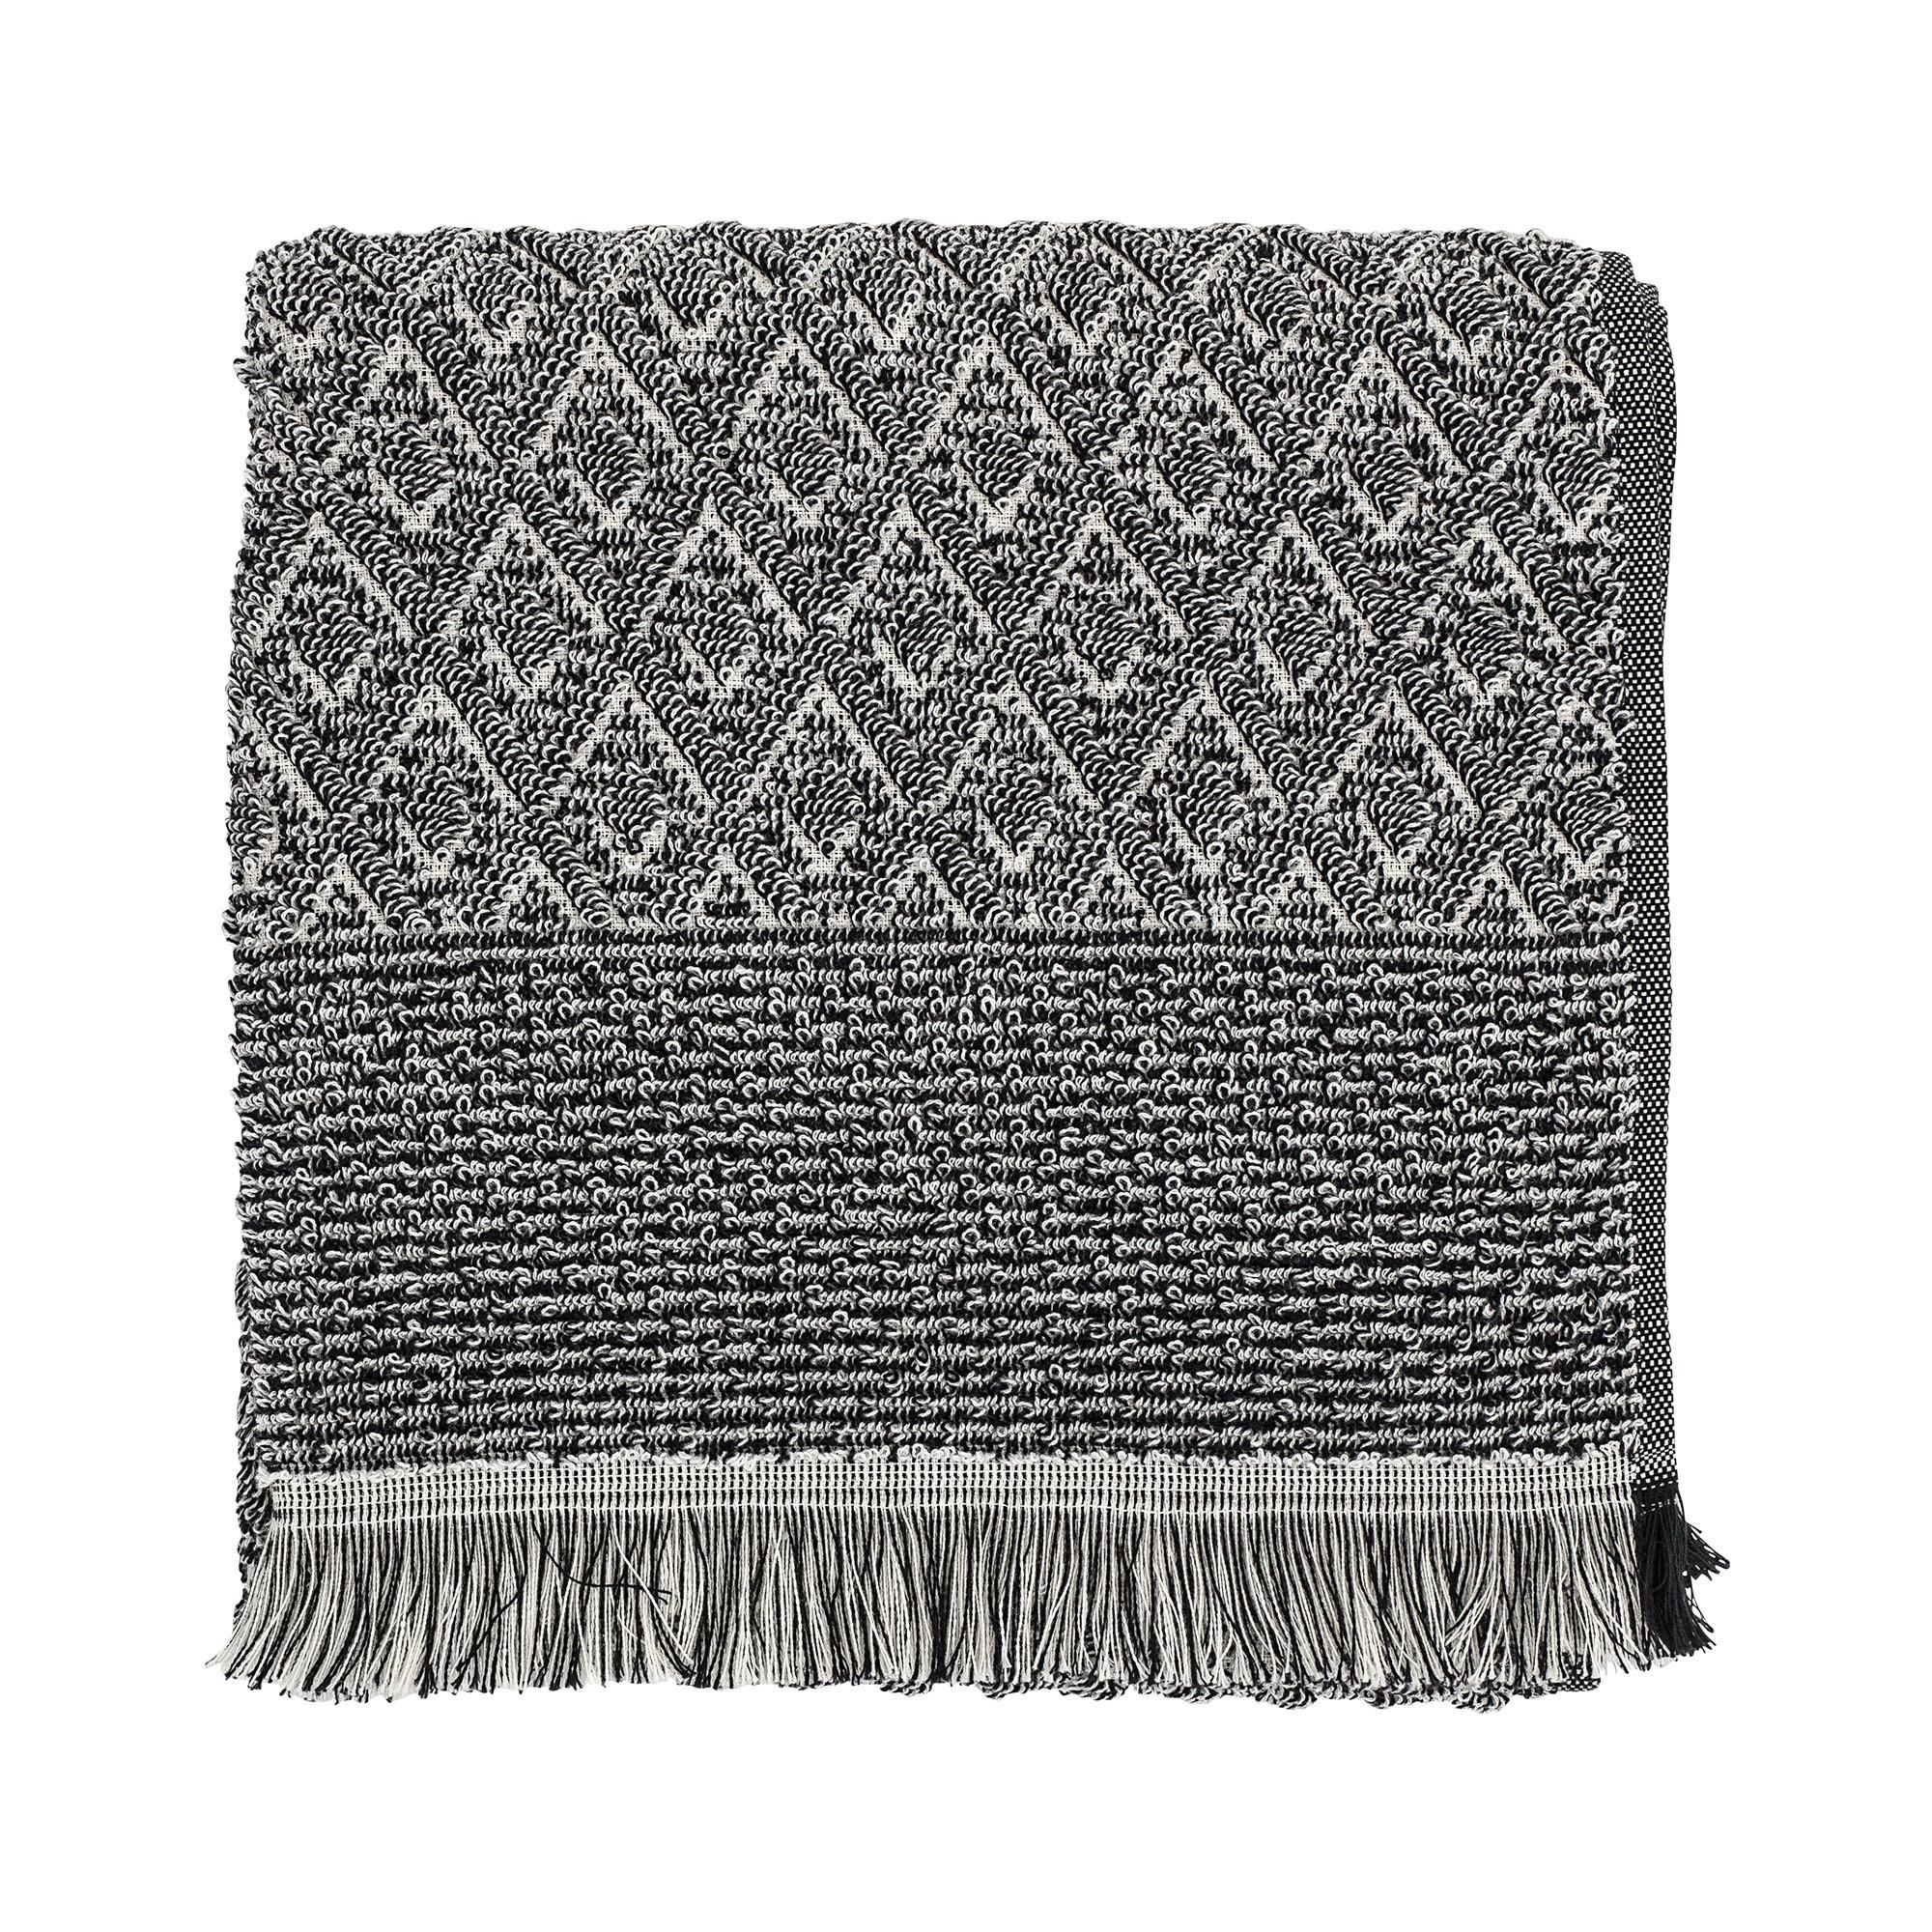 Billede af Håndklæde, Sort - 140x70 cm